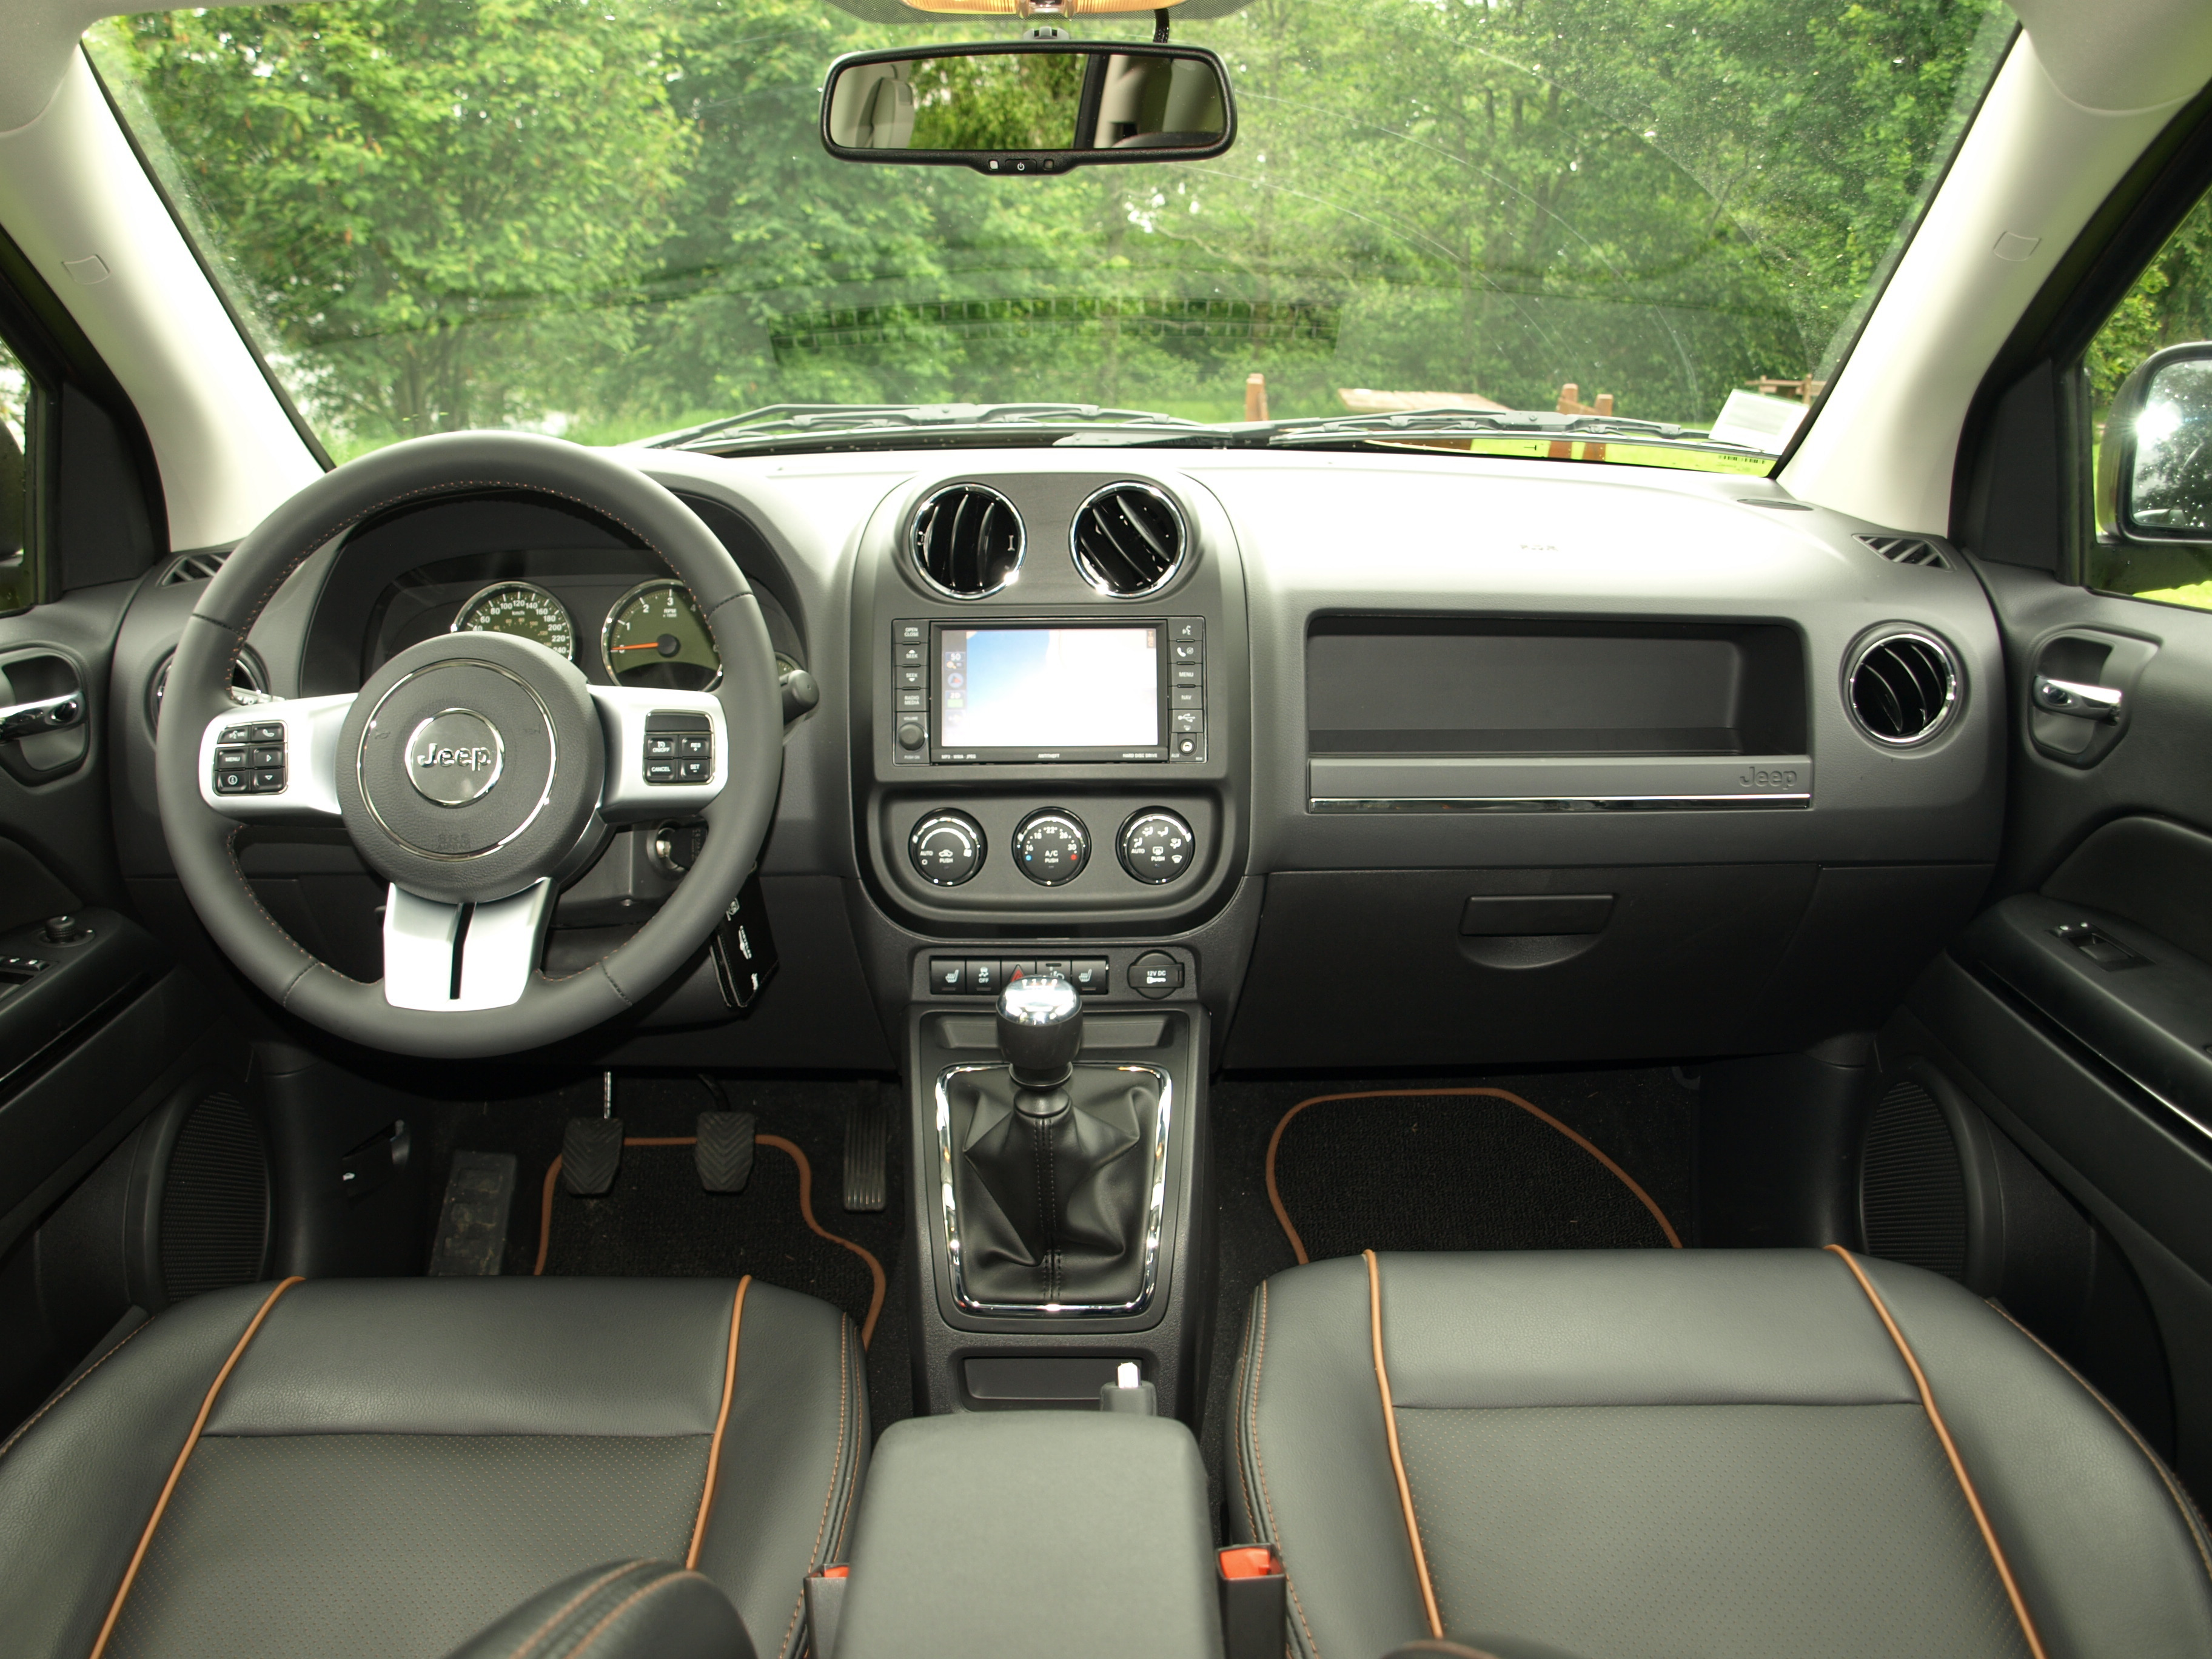 essai jeep compass restyl la grenouille qui voulait se faire aussi grosse que le boeuf. Black Bedroom Furniture Sets. Home Design Ideas